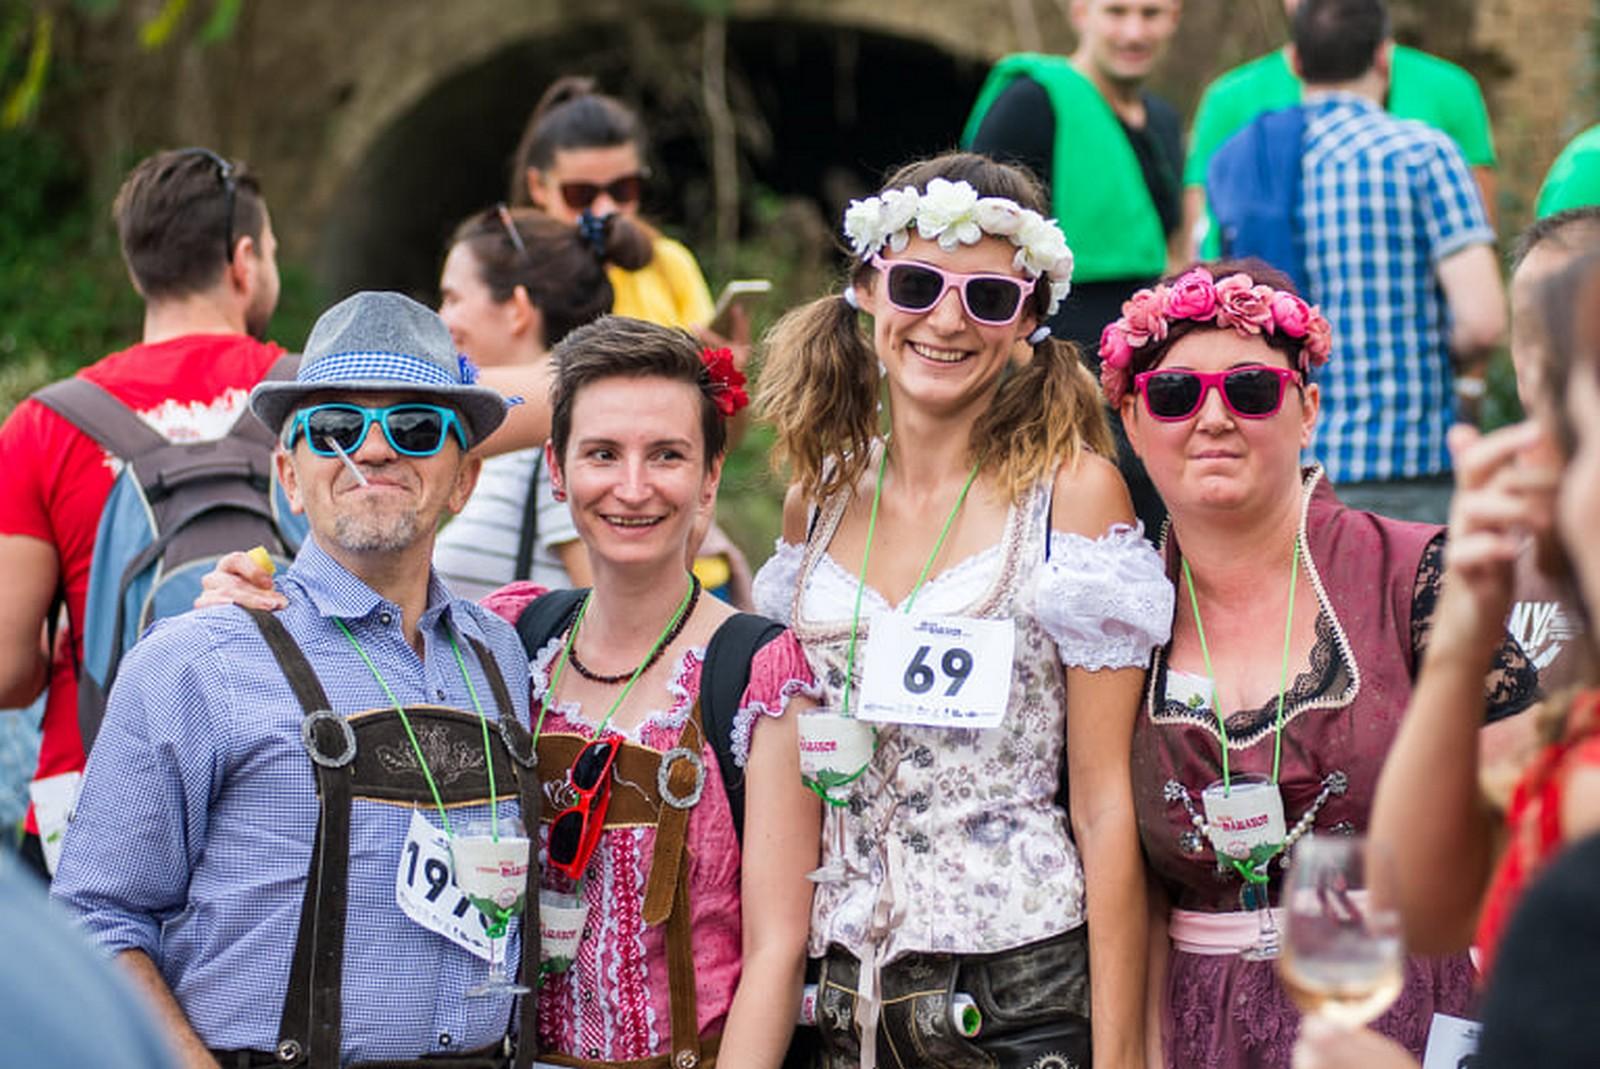 Vinski Bor maraton Zmajevac Foto: Nenad Milić